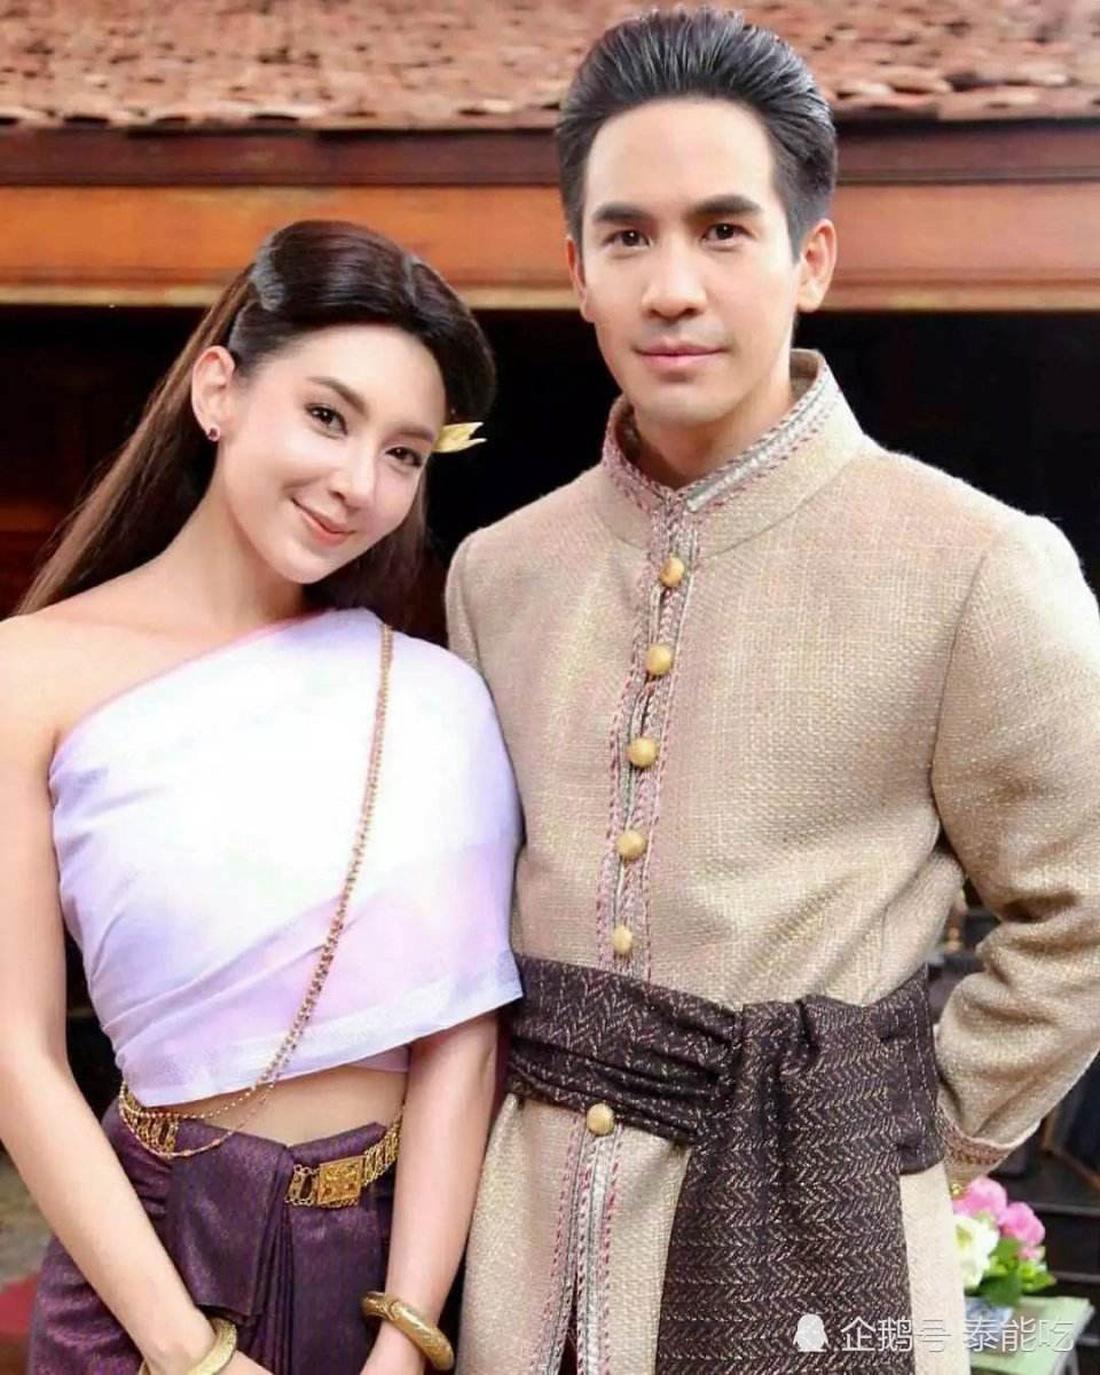 Nhân duyên tiền định và lý do Thủ tướng Thái phải gặp đoàn phim - Ảnh 14.